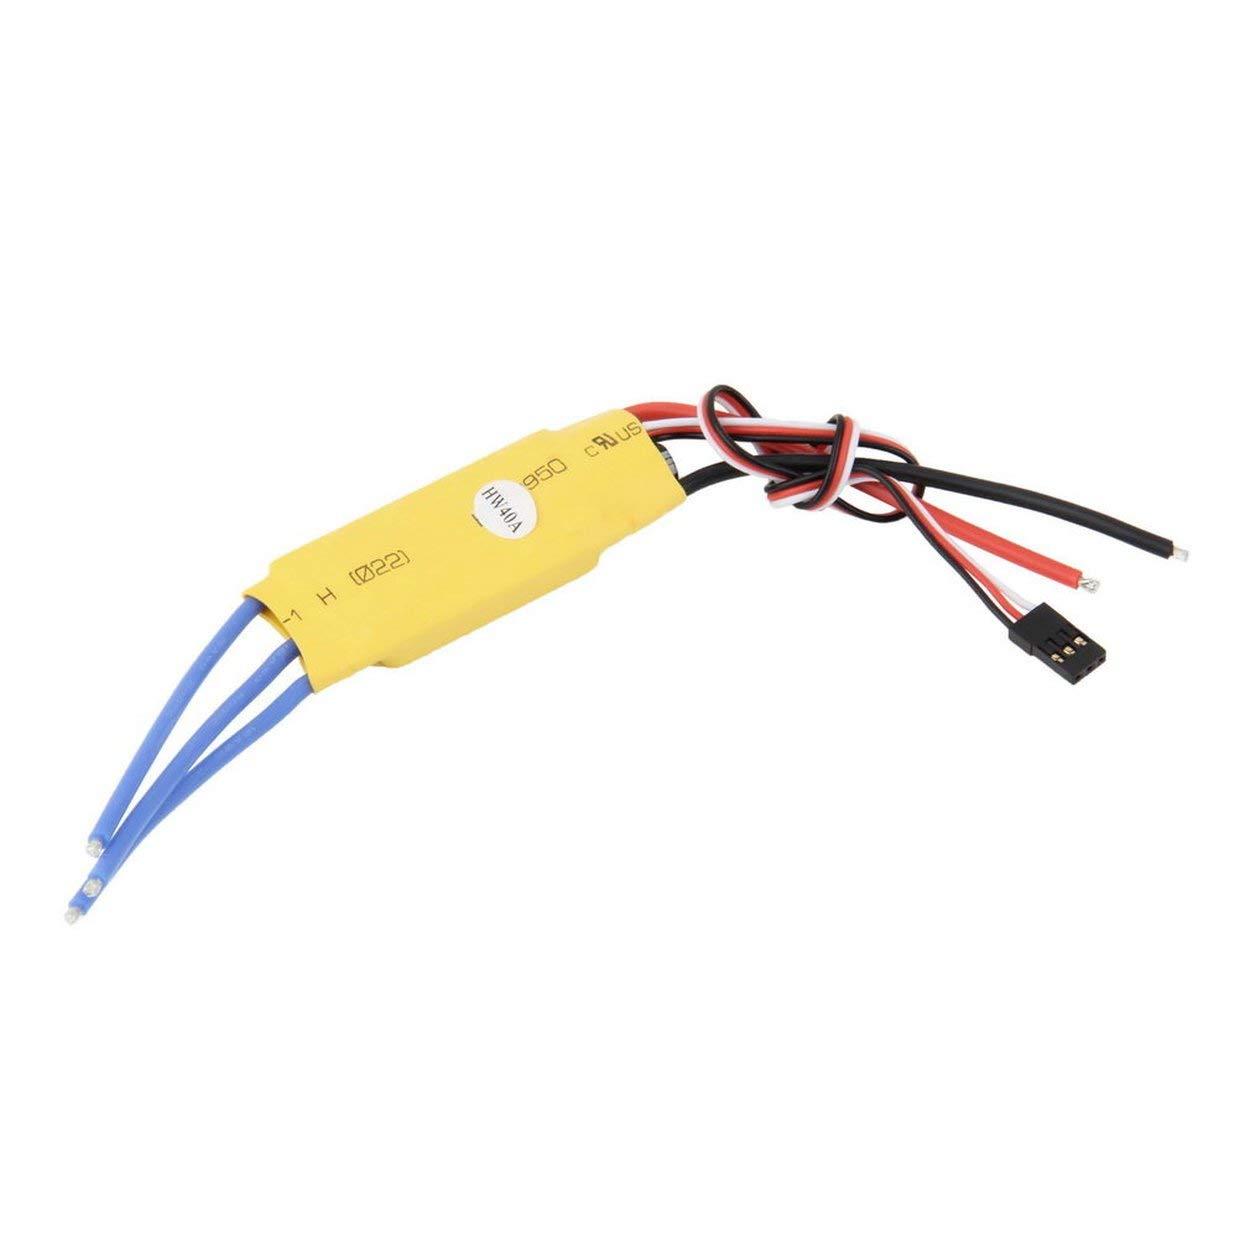 Lorenlli Ad Alte Prestazioni 40A ESC Fit per Il Motore Elettrico Brushless Motor Controller PRO RC Elicotteri Aerei